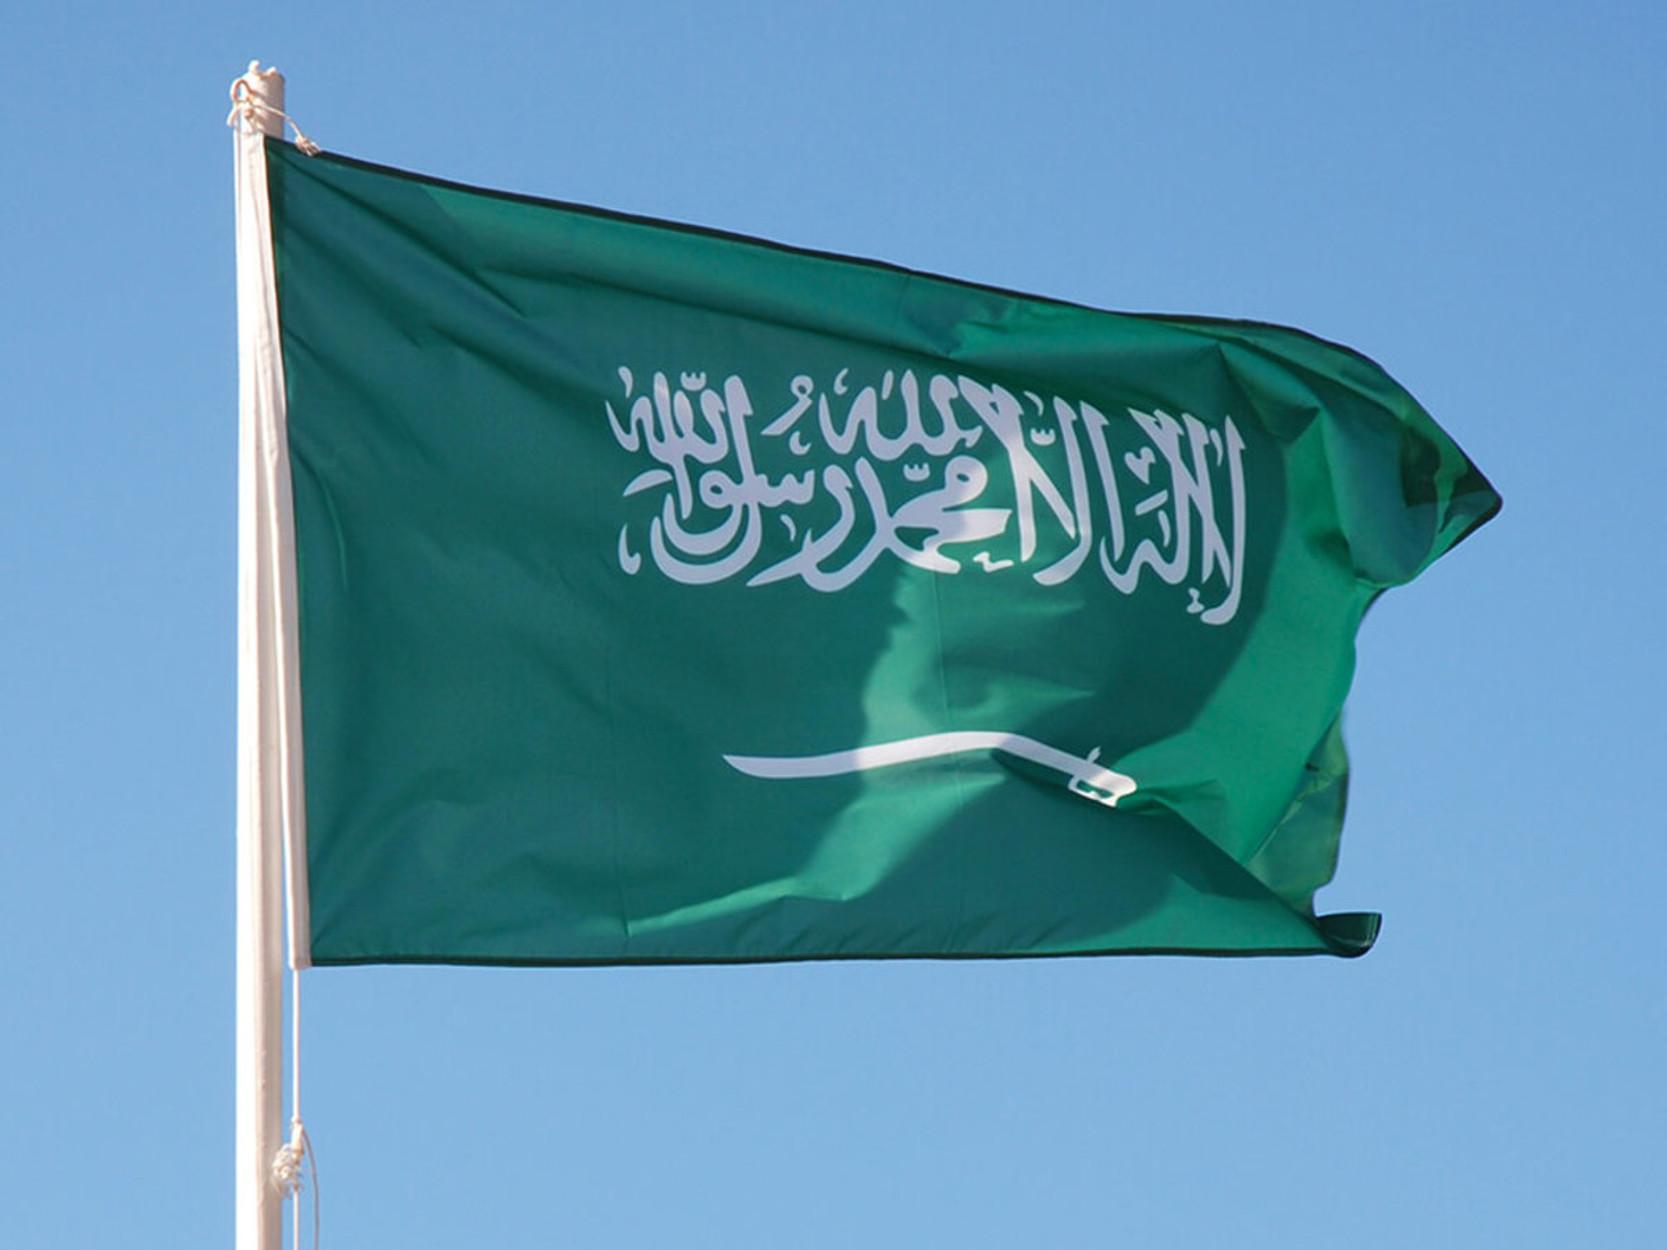 Η Σαουδική Αραβία σχεδιάζει την ίδρυση νέας αεροπορικής εταιρείας